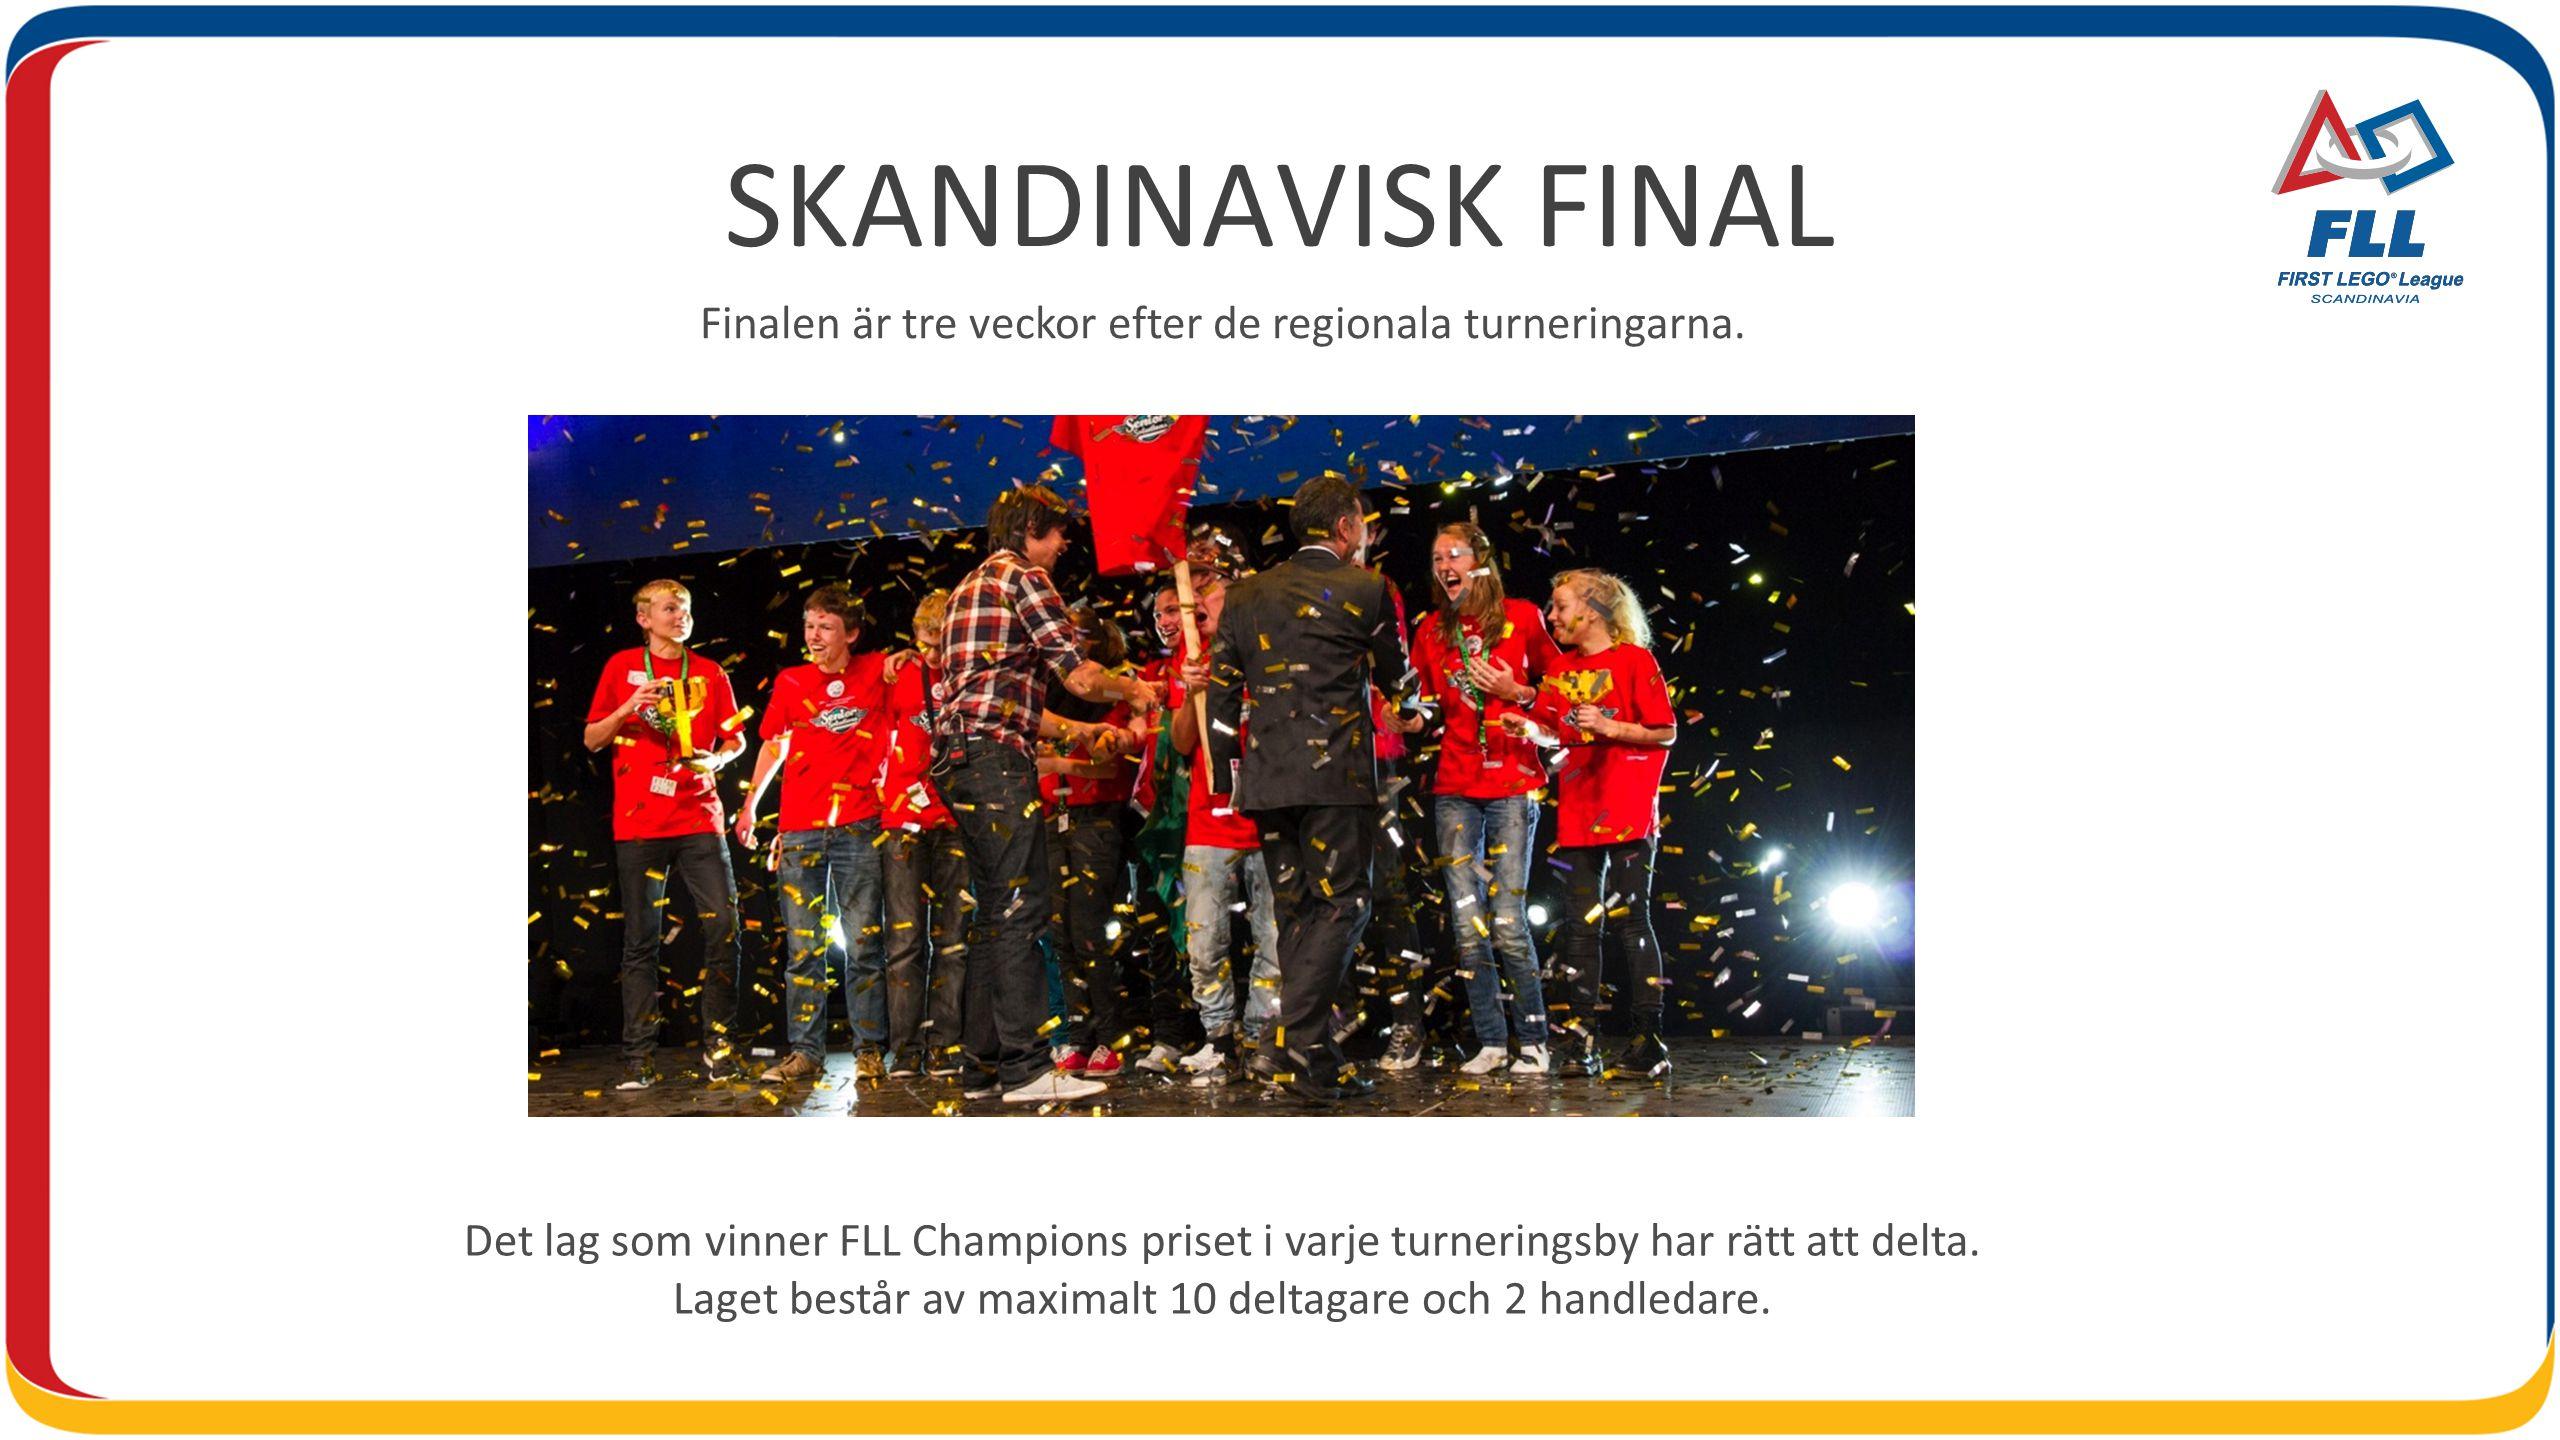 SKANDINAVISK FINAL Finalen är tre veckor efter de regionala turneringarna.